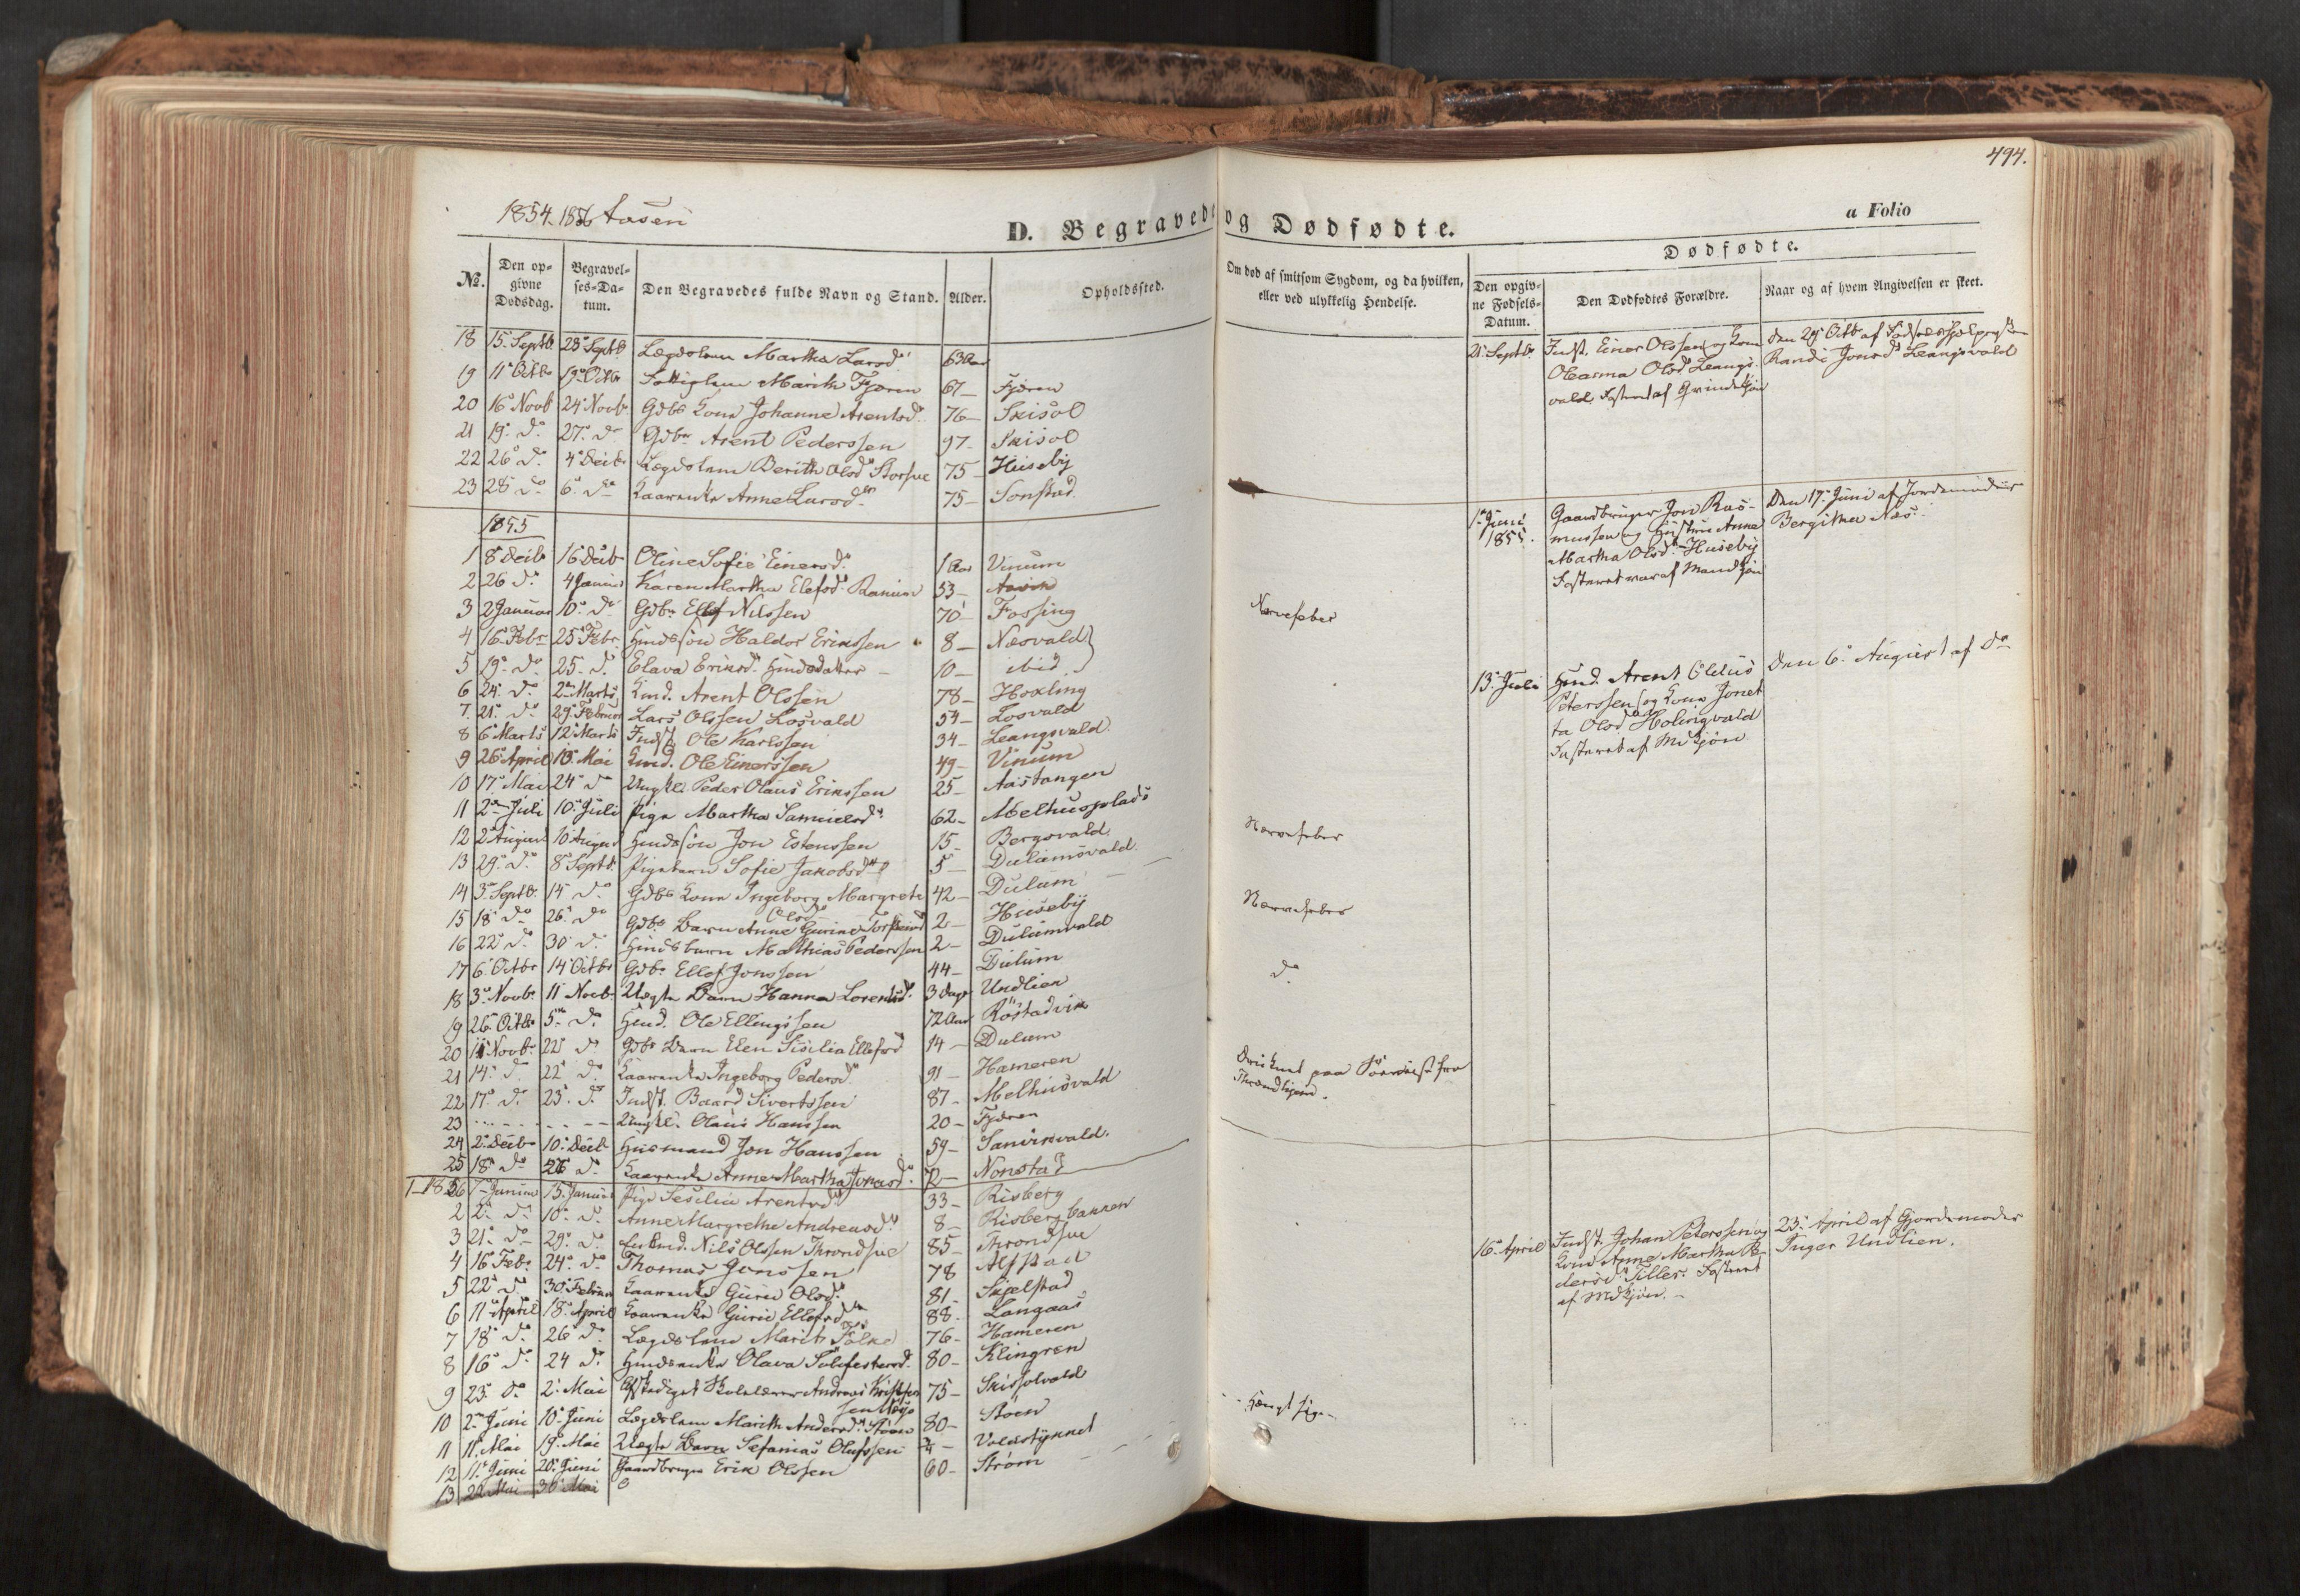 SAT, Ministerialprotokoller, klokkerbøker og fødselsregistre - Nord-Trøndelag, 713/L0116: Ministerialbok nr. 713A07, 1850-1877, s. 494